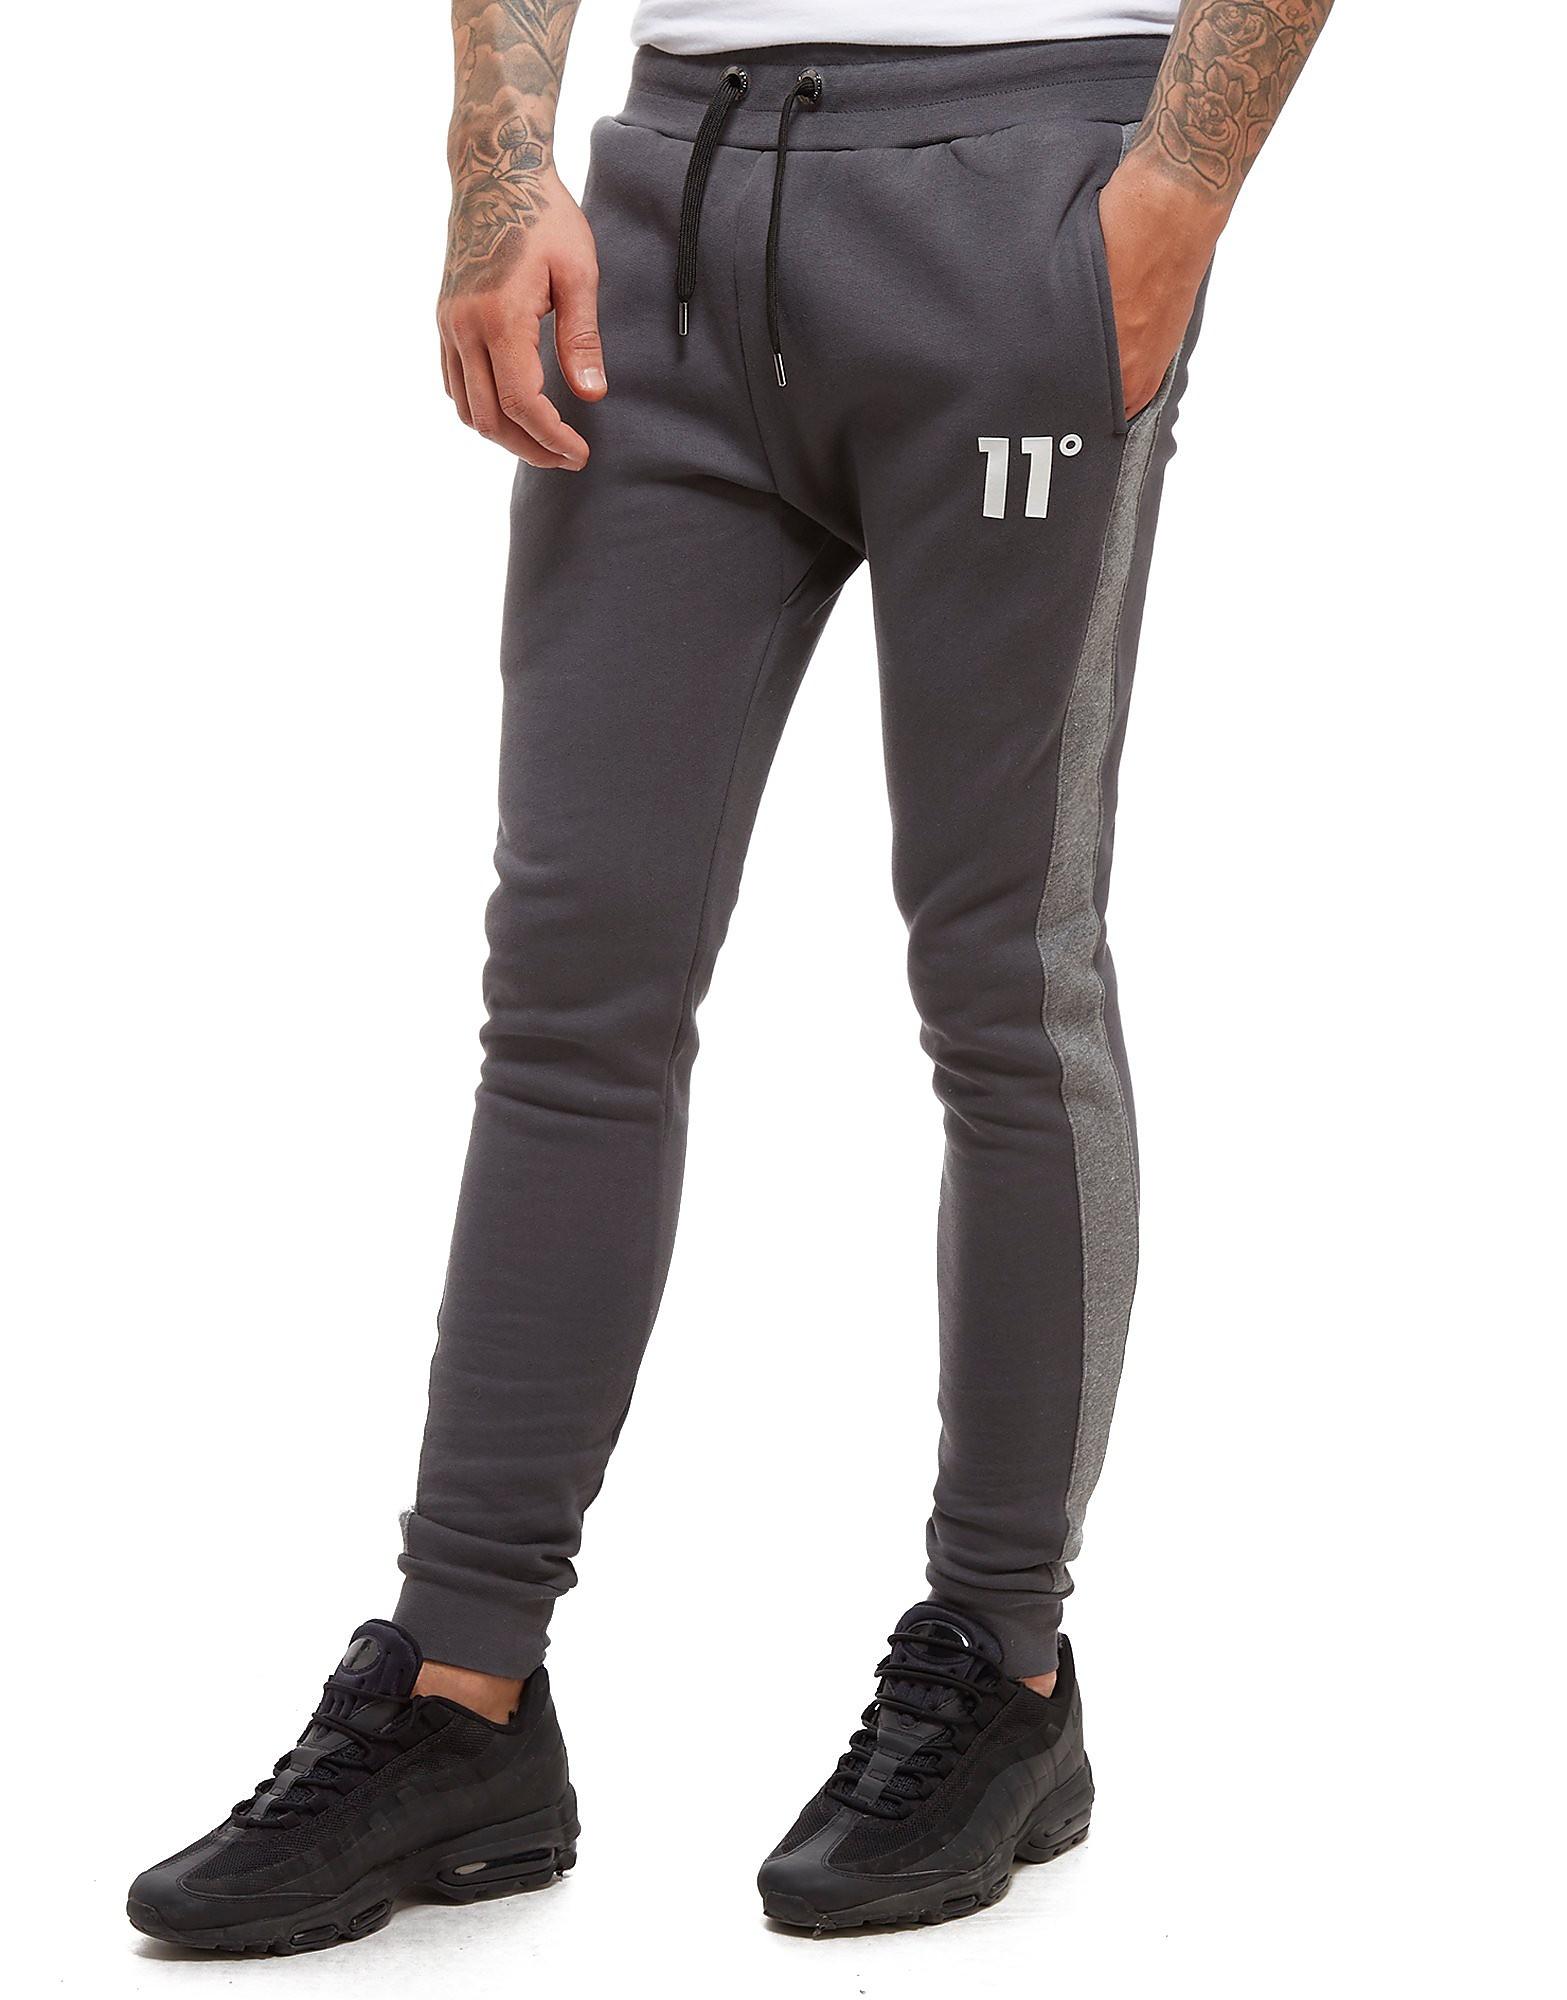 11 Degrees Fleece Pants